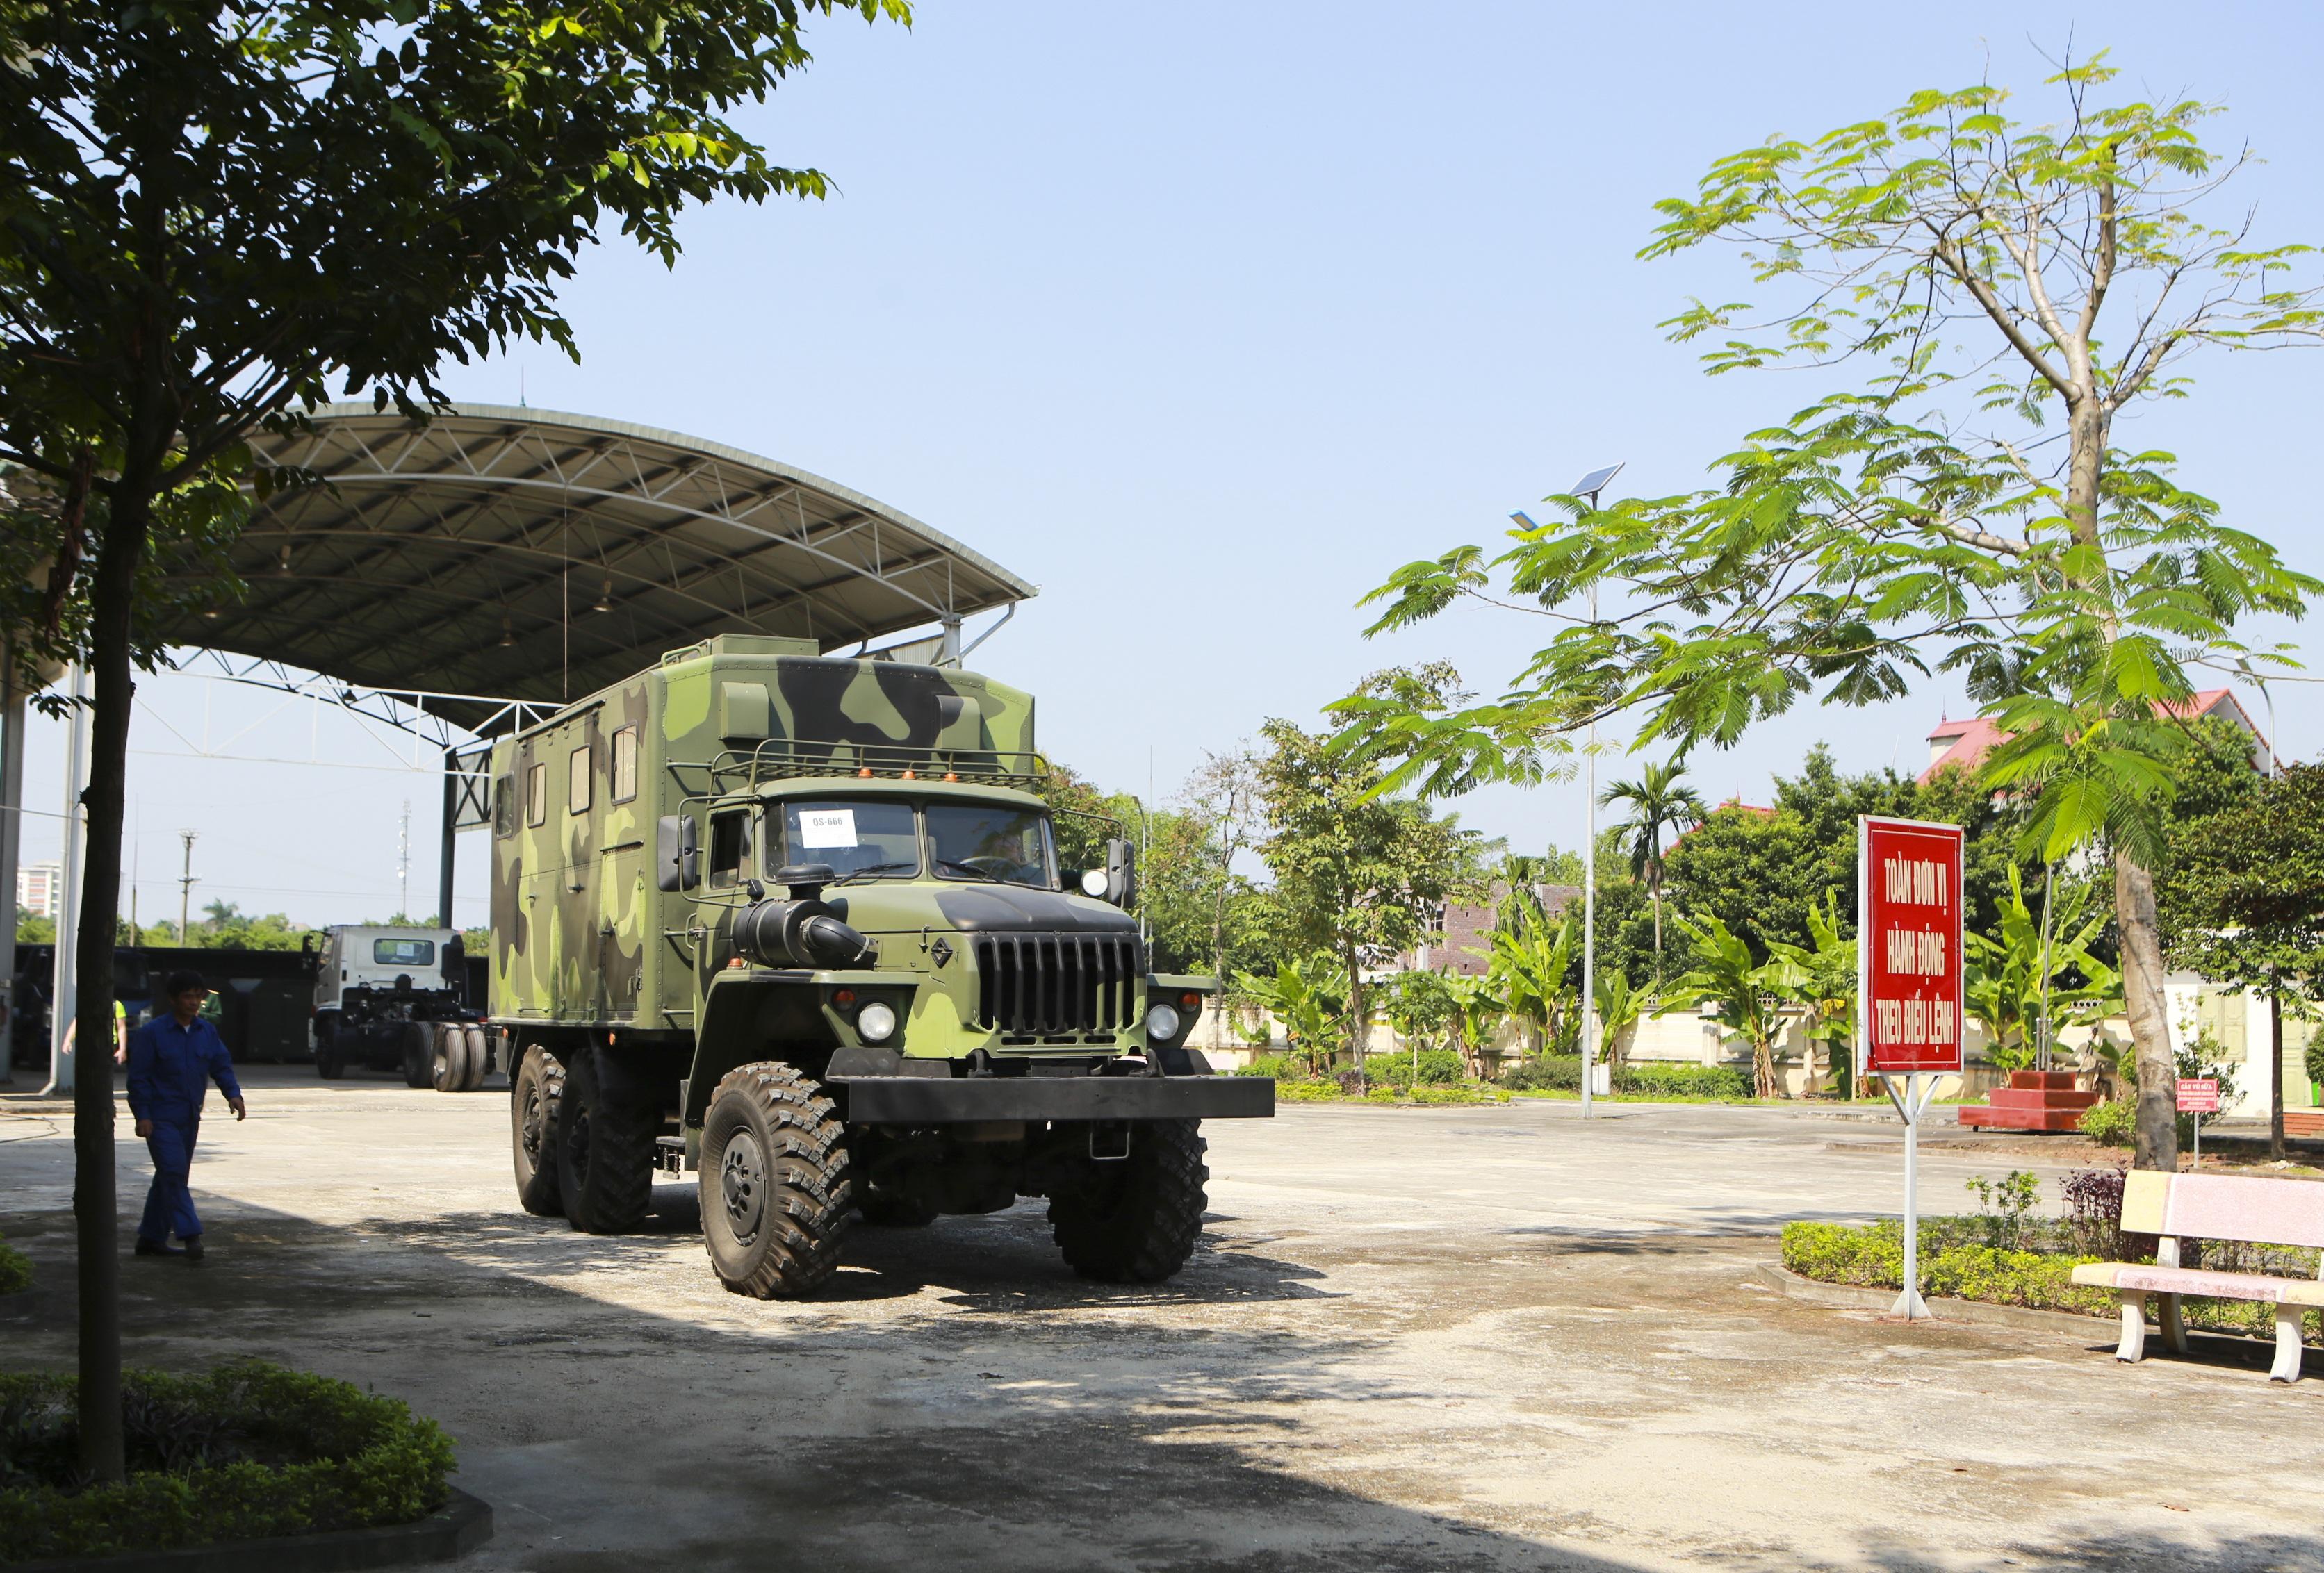 Khám phá xe công trình sửa chữa cơ khí tổng hợp của Quân đội Nhân dân Việt Nam - 13